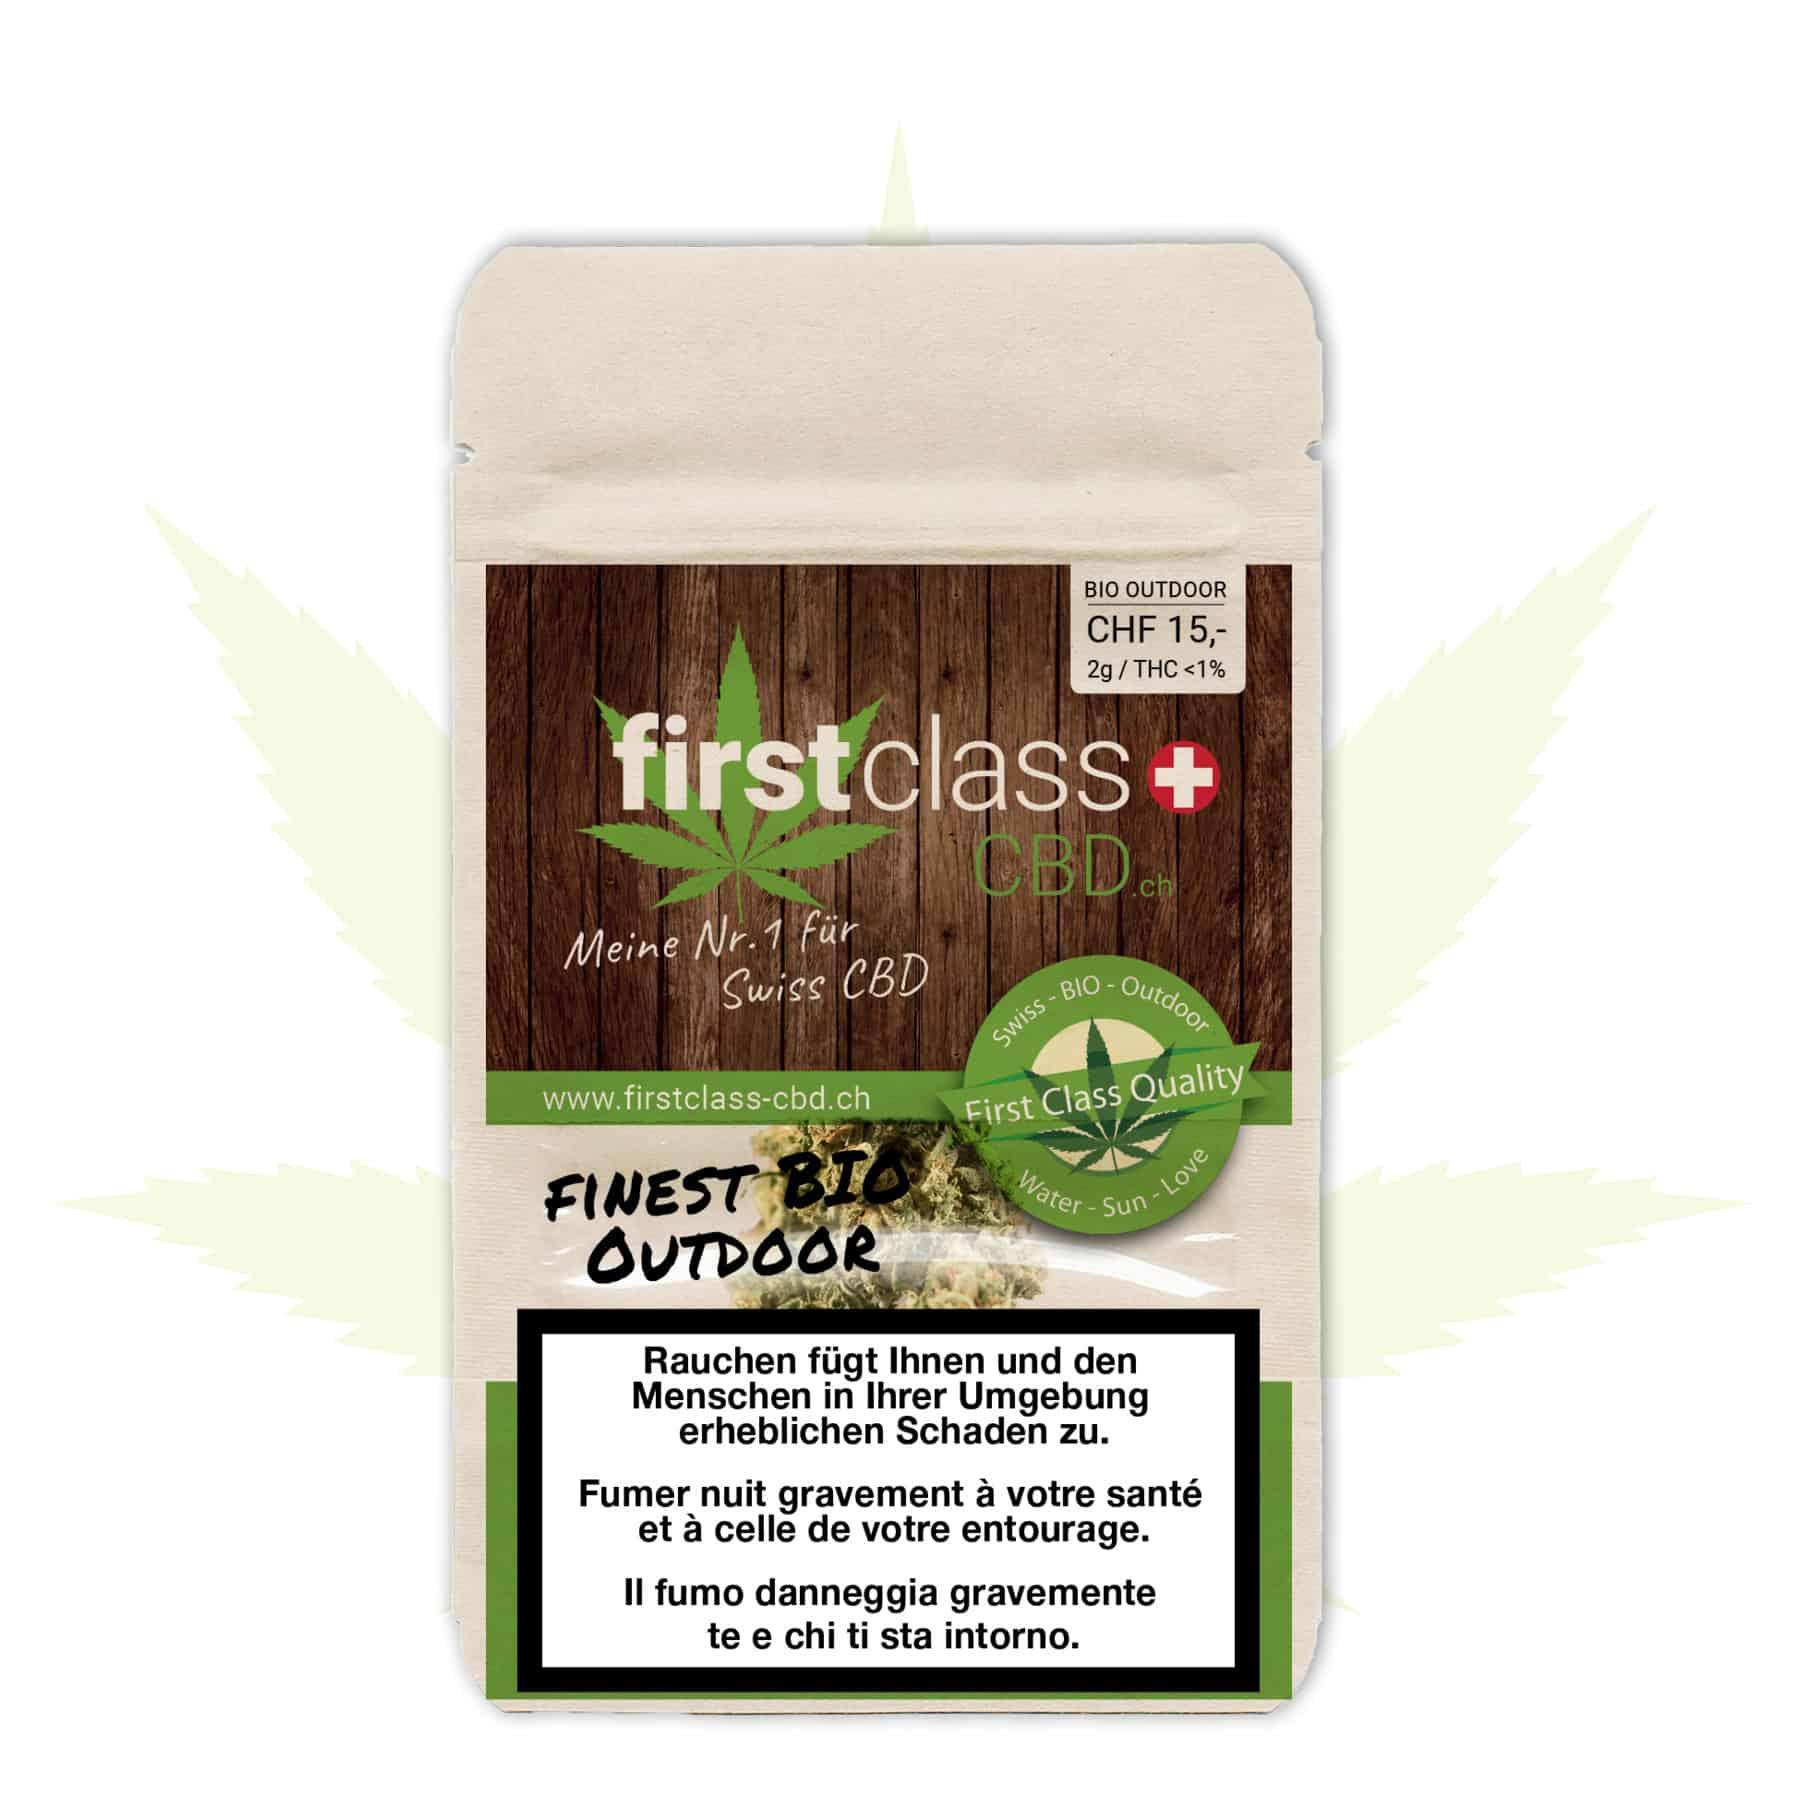 Auf BIO Fläche CBD Cannabis angebaut und komplett nach den Richtlinien gearbeitet. 1